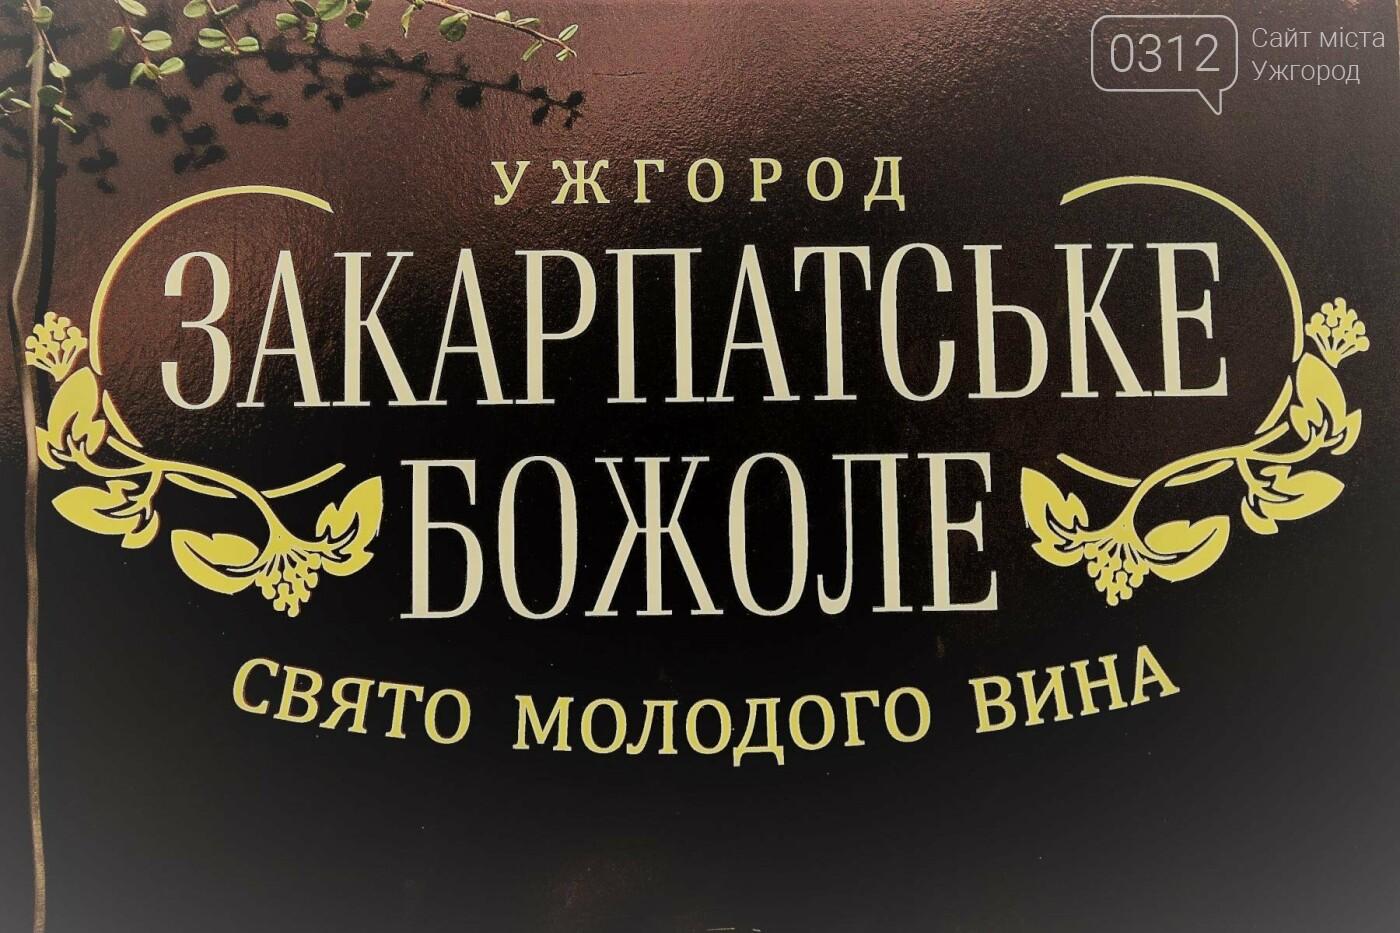 Ужгород п'є молоде вино: фоторепортаж, фото-1